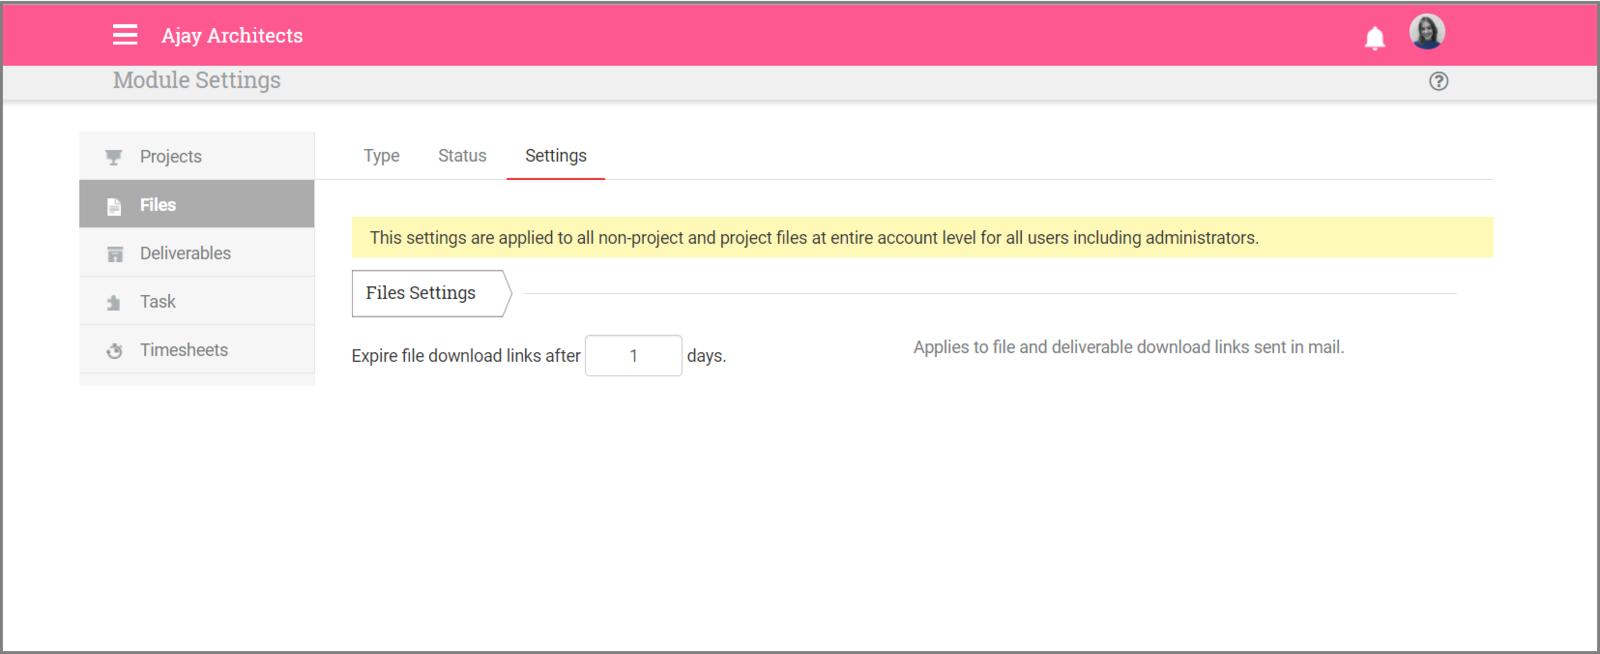 File Settings